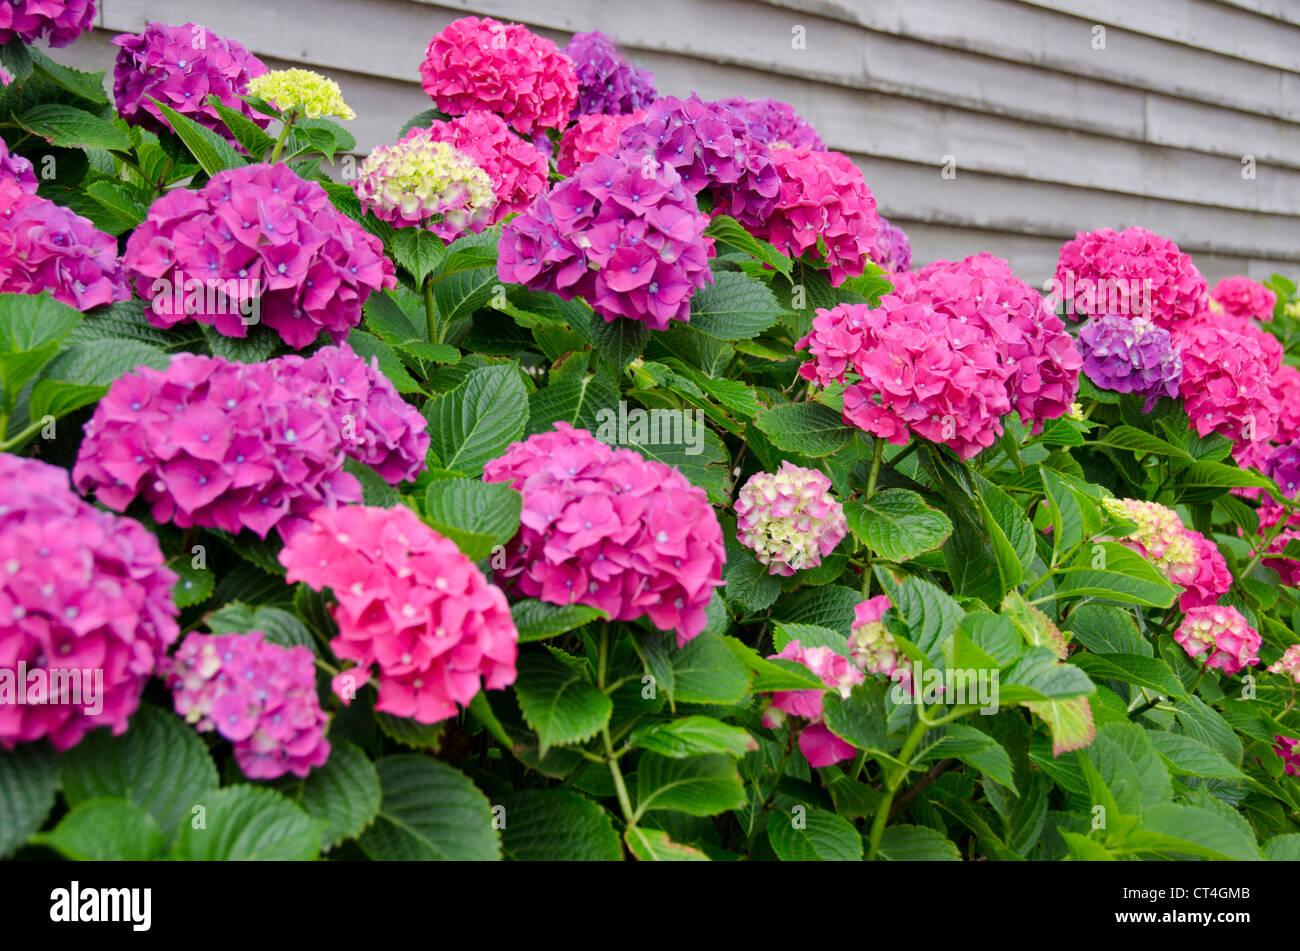 La Rhode Island, isola di blocco. i fiori delle ortensie in fiore. Foto Stock